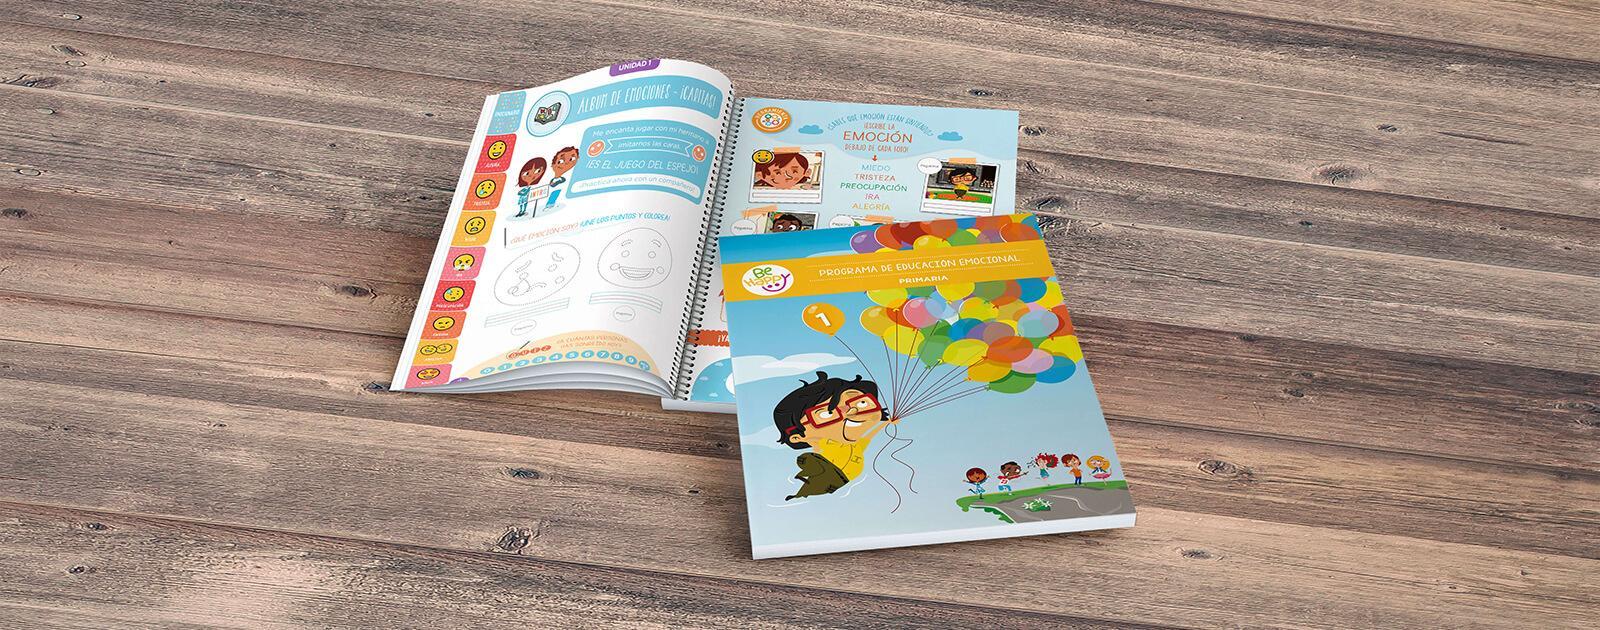 Libros Be happy del Programa de educación emocional para primaria